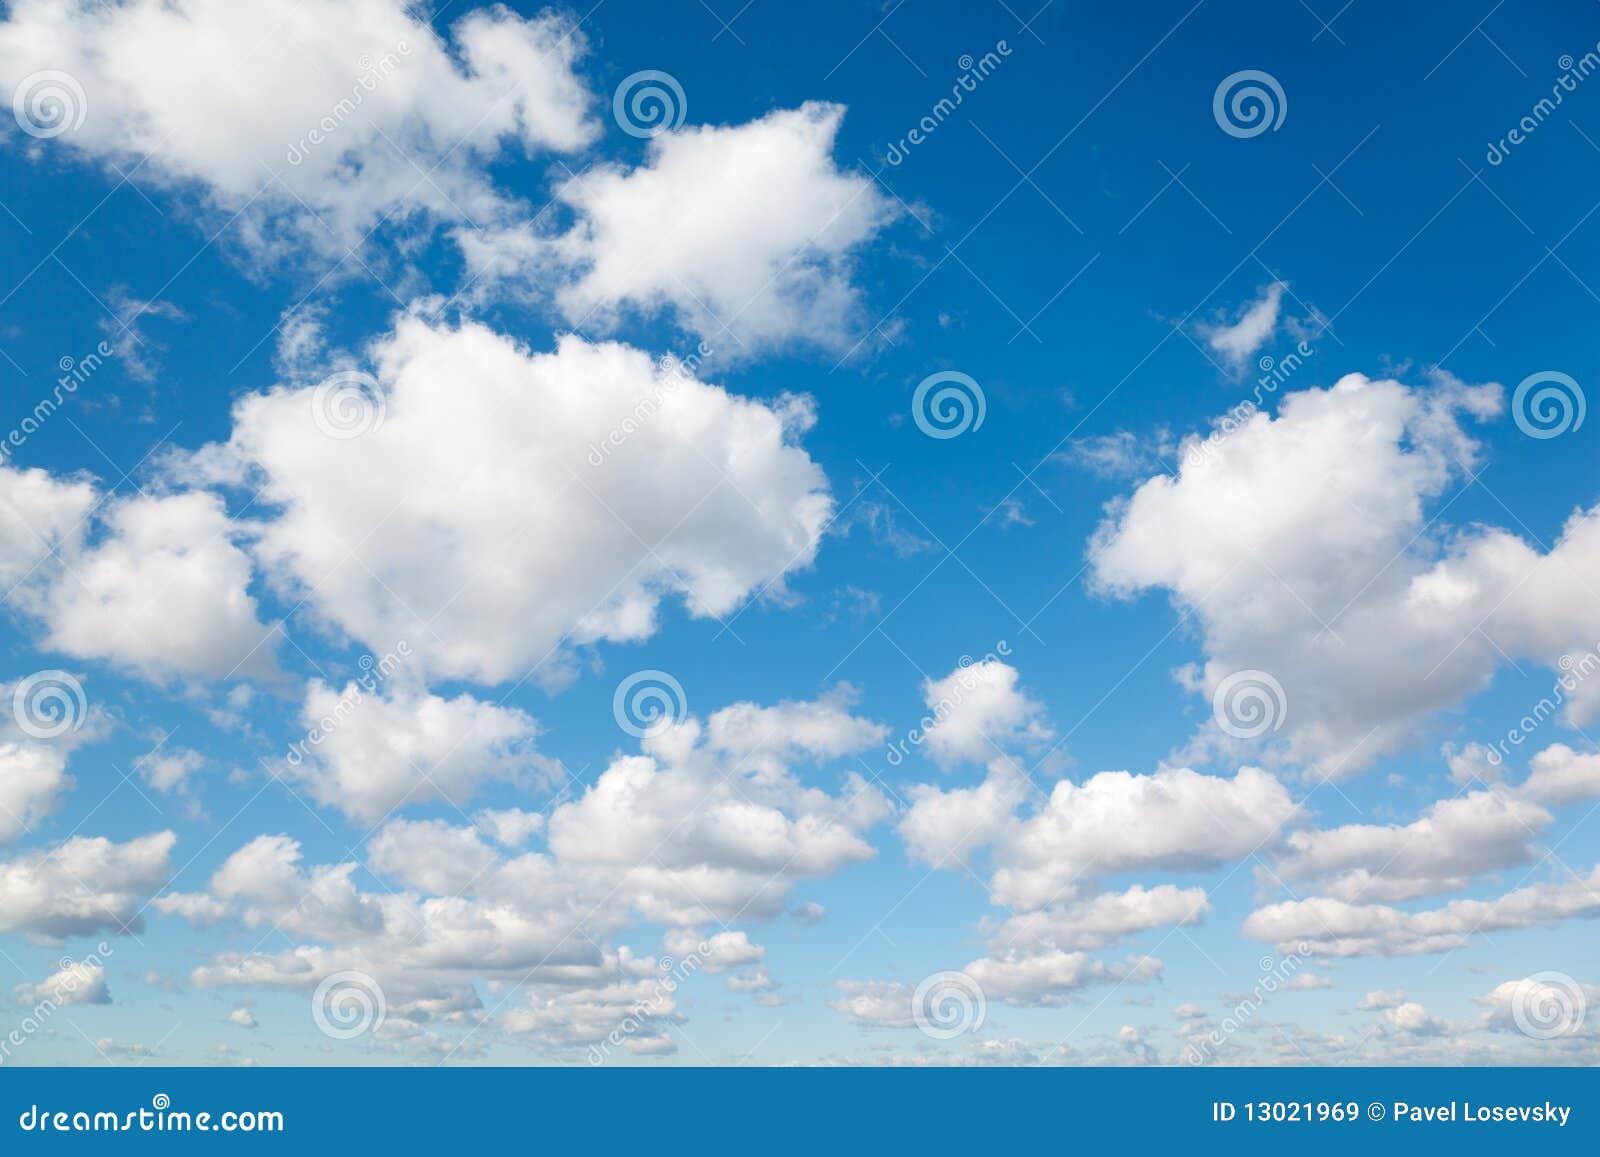 Bluen clouds fluffig skywhite